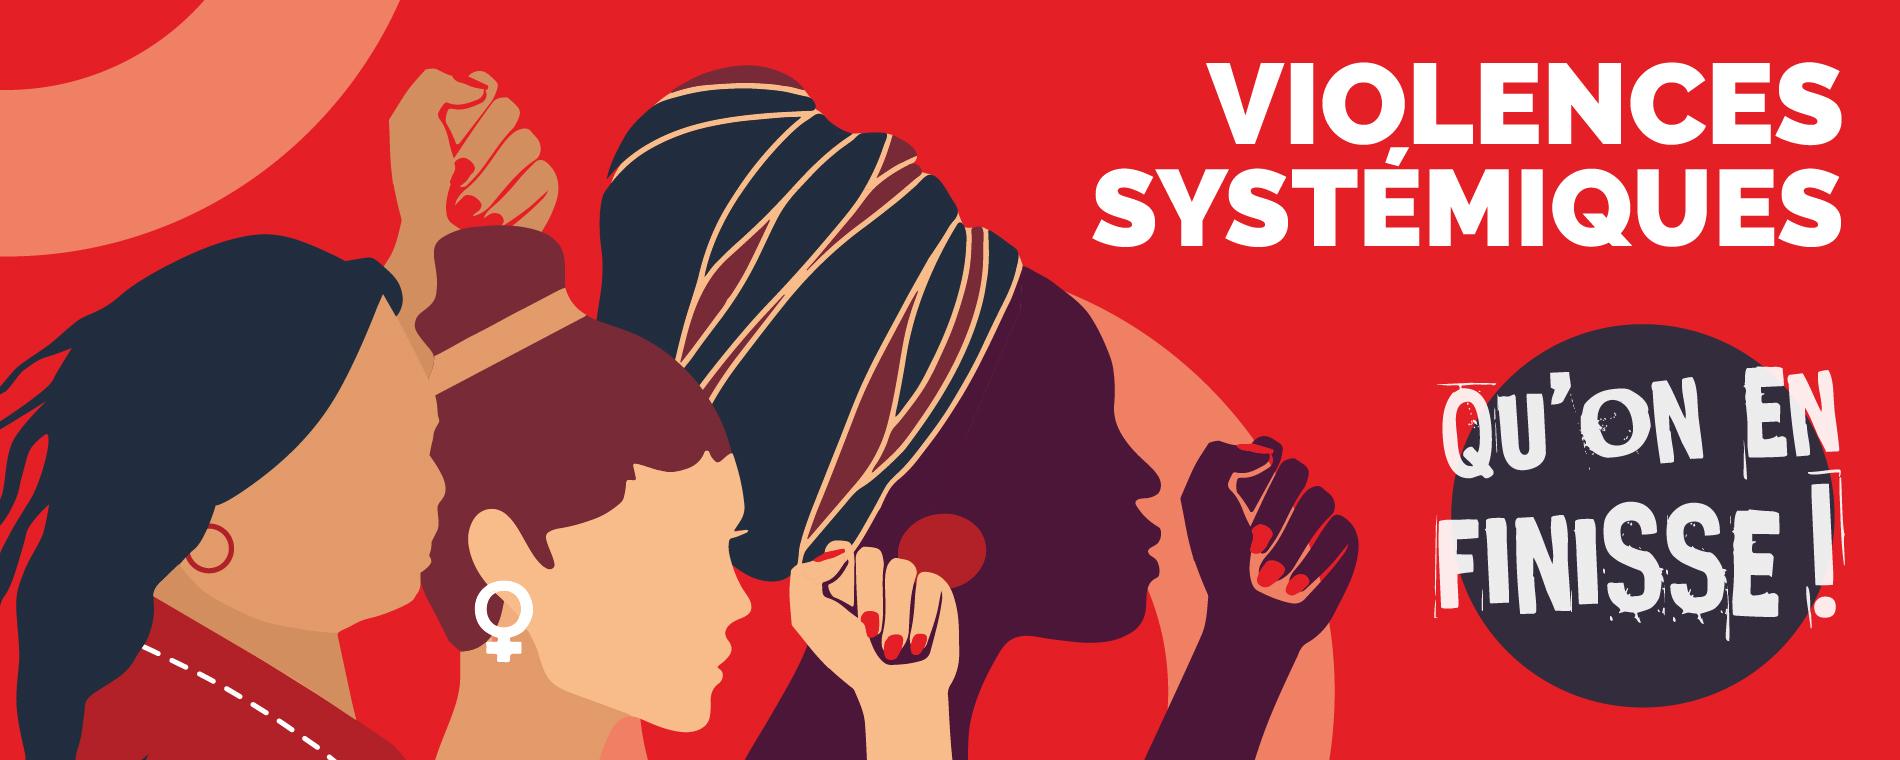 Discussion avec Simplement Rosine sur le thème des violences systémiques vécues par les femmes